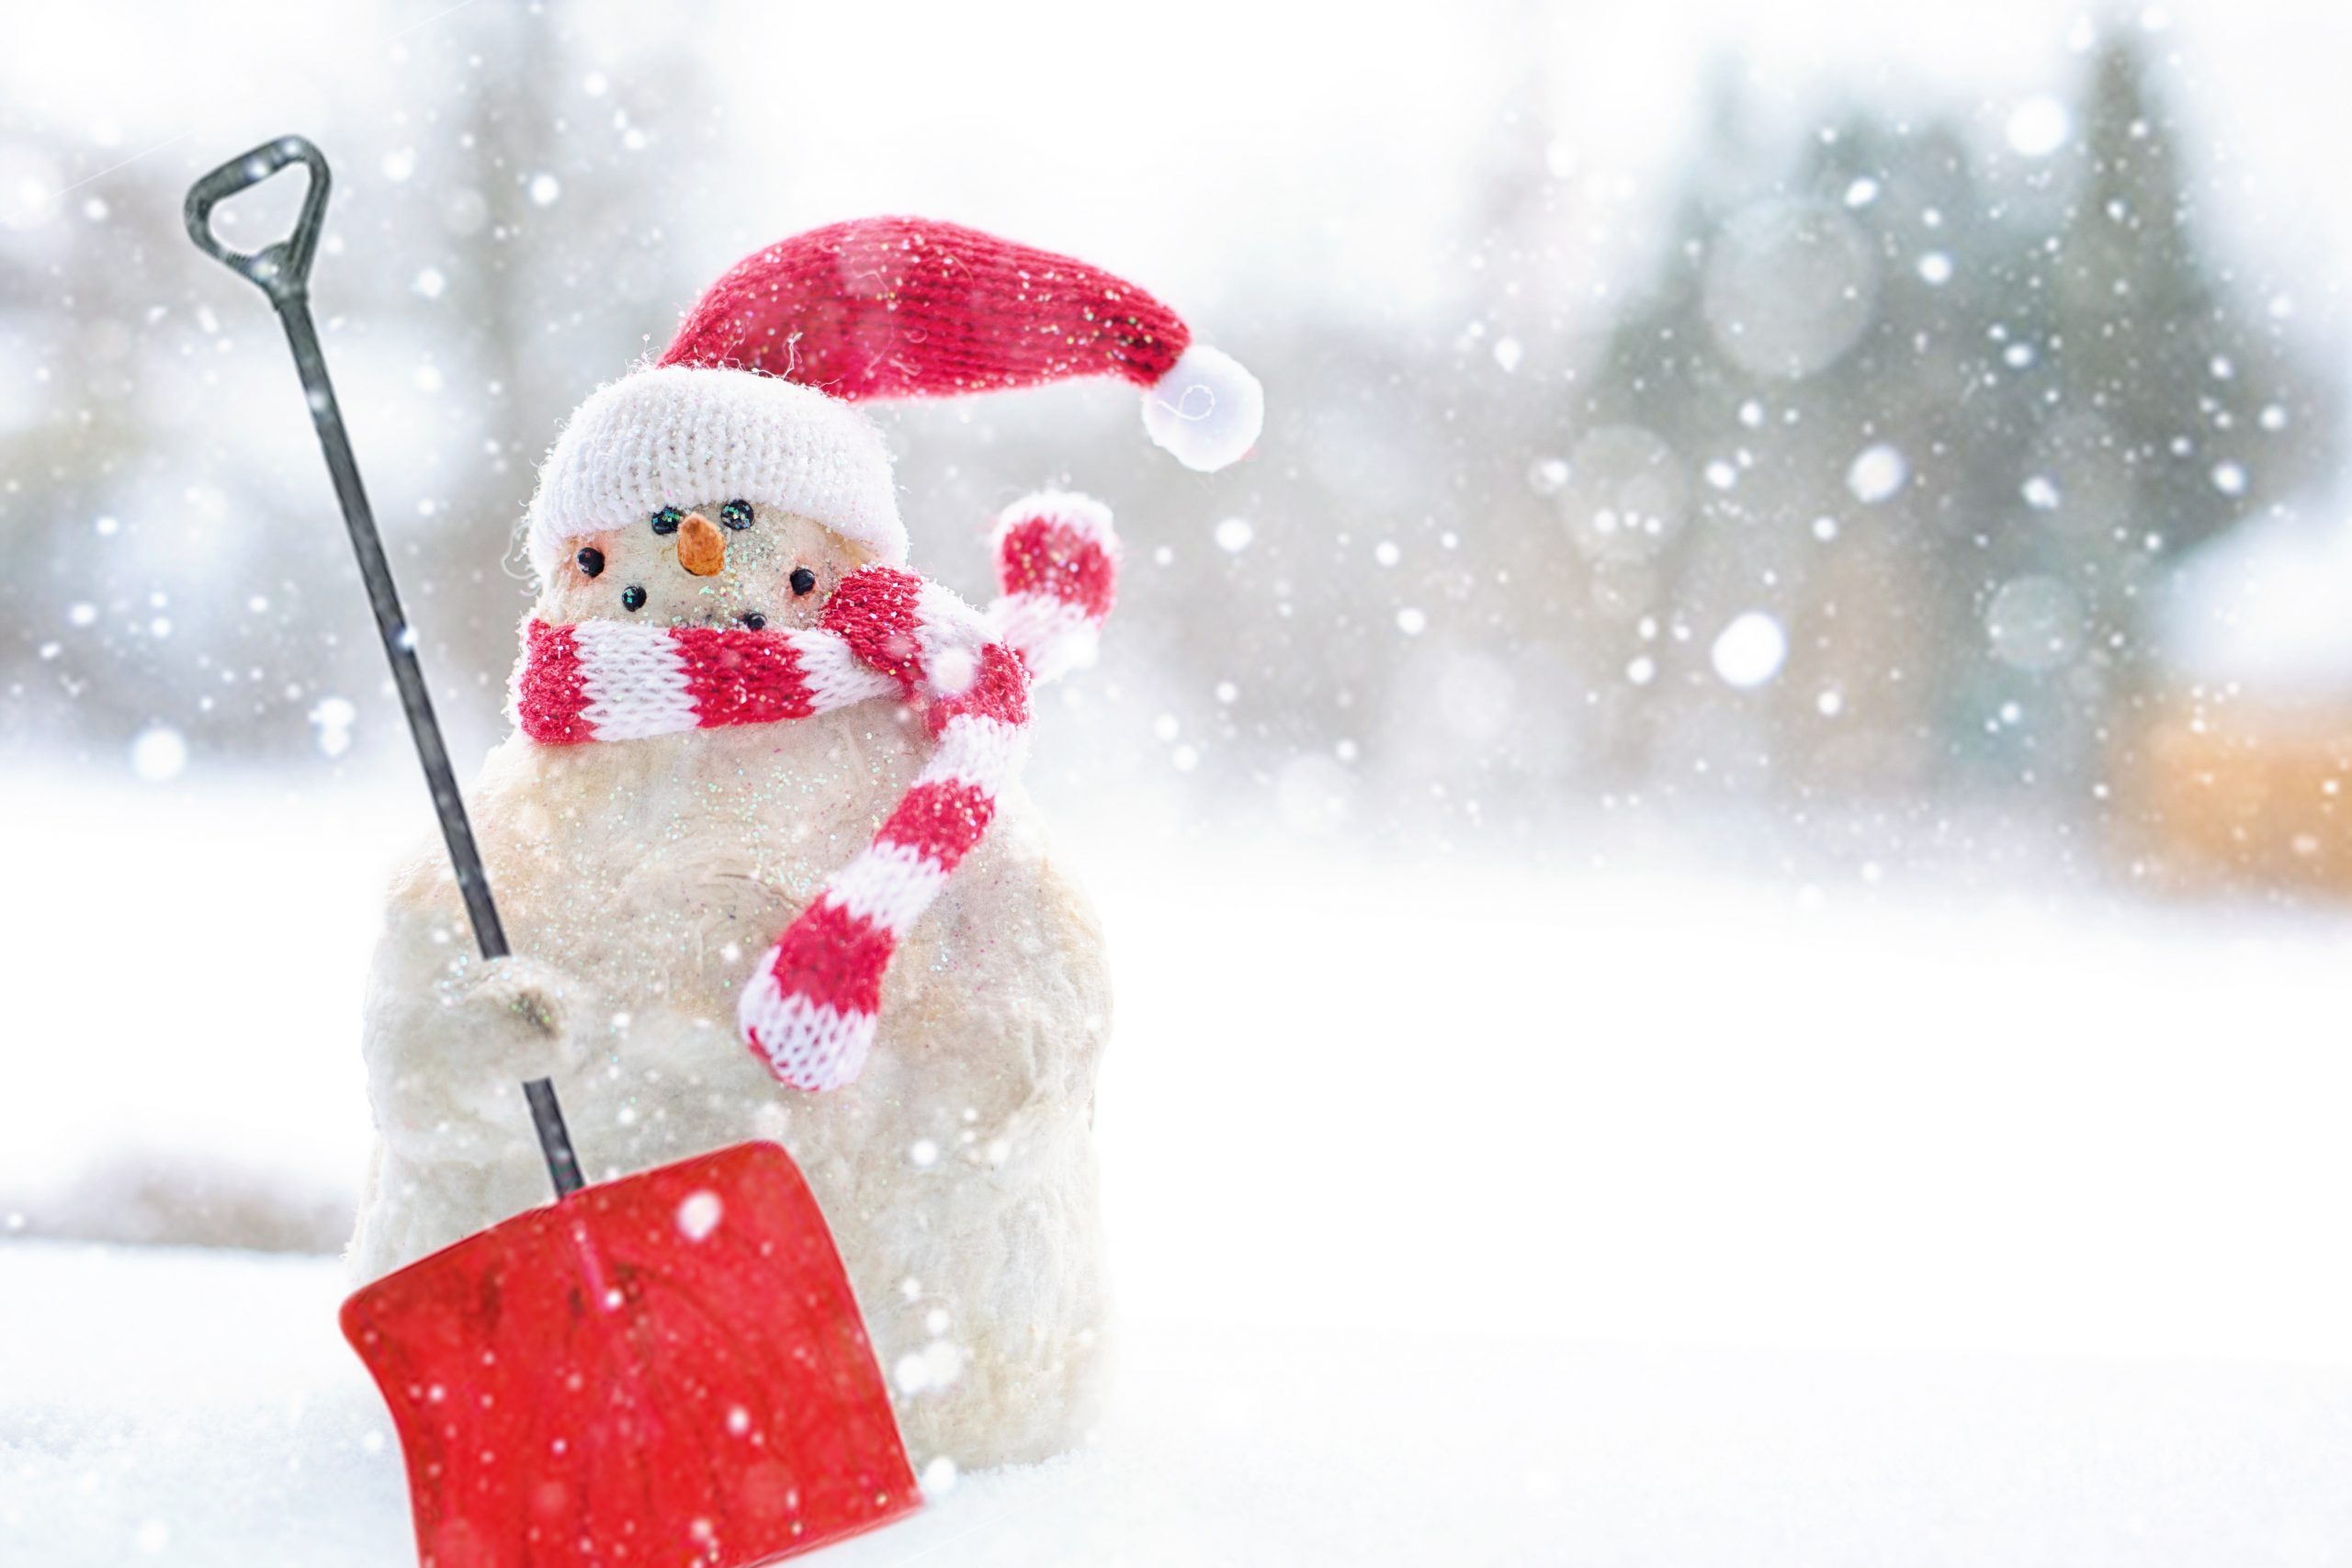 Schneeräum- und Streupflicht gem. § 93 Straßenverkehrsordnung (StVO)